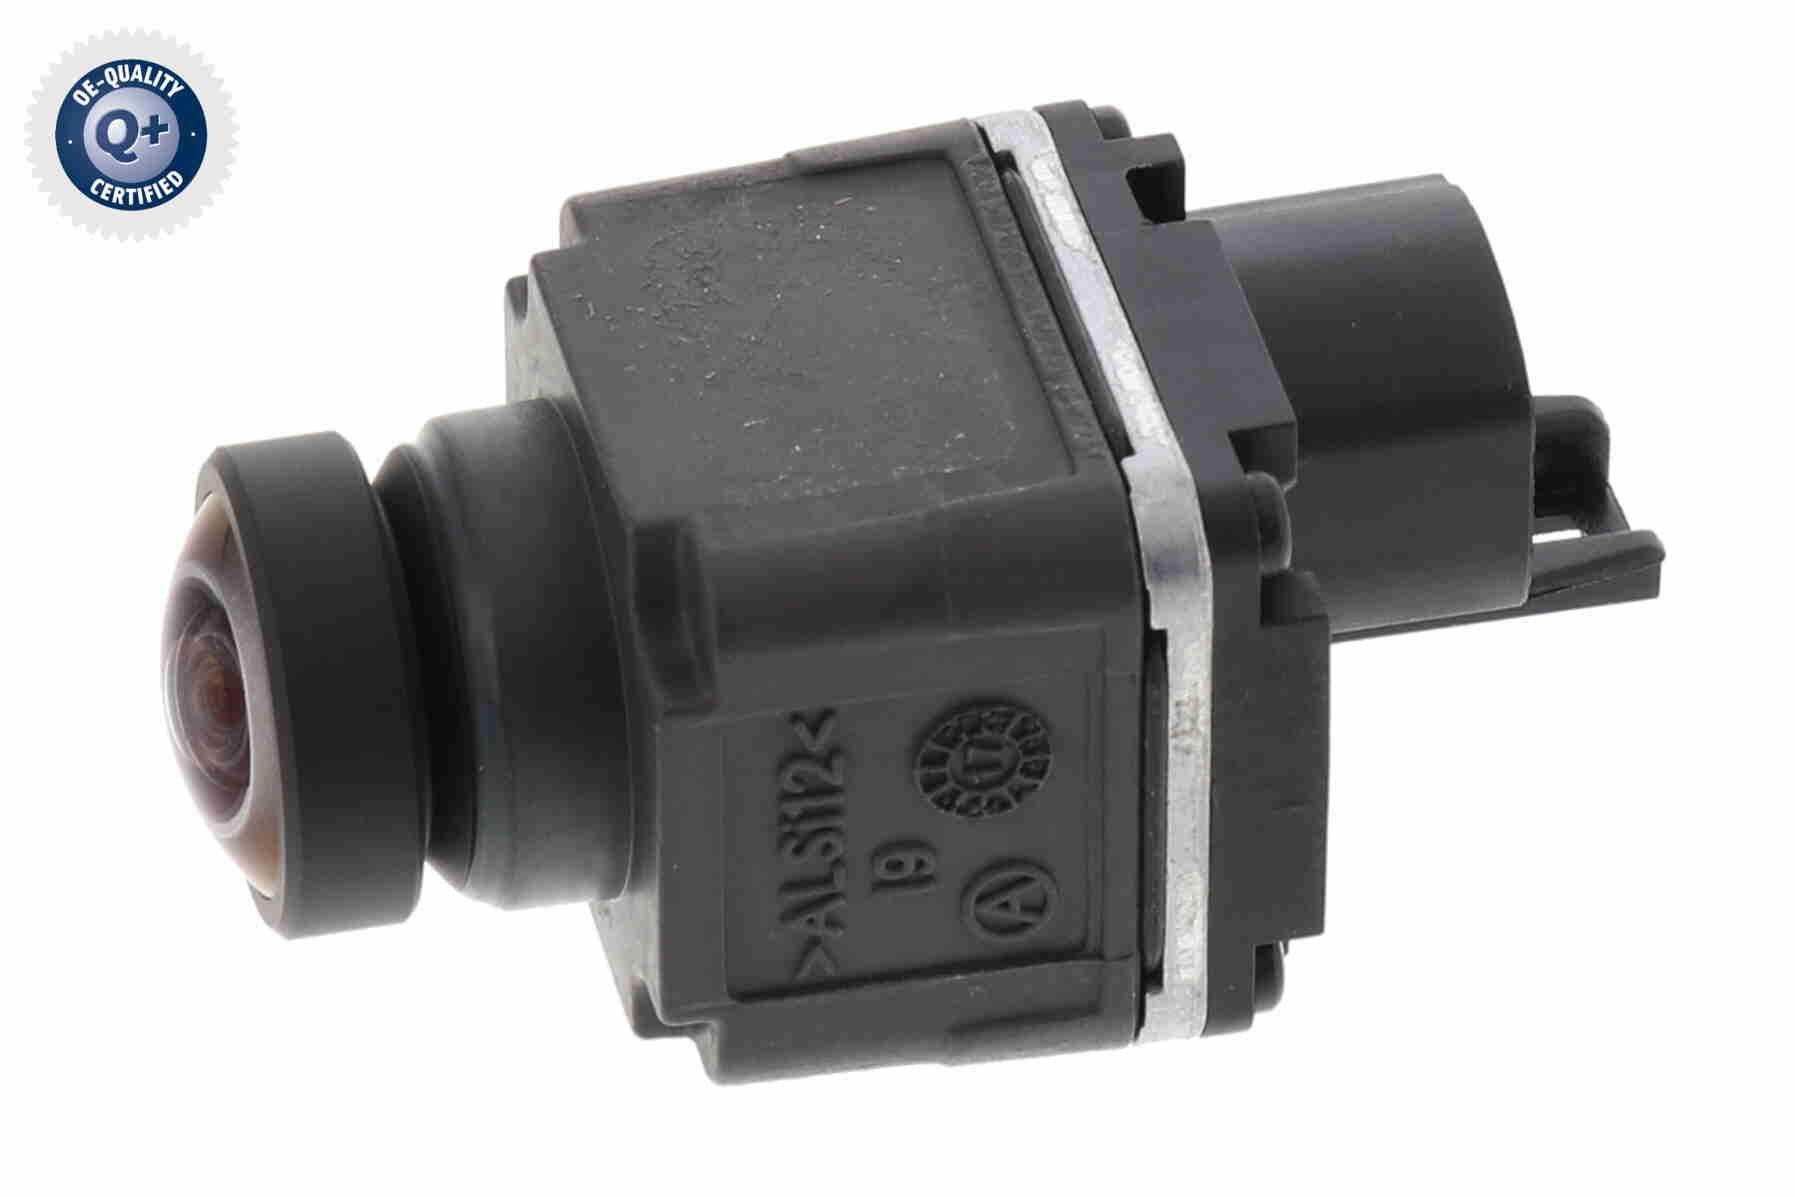 VEMO V15-74-0047 Rückfahrkamera Einparkhilfe beidseitig reduzierte Preise - Jetzt bestellen!